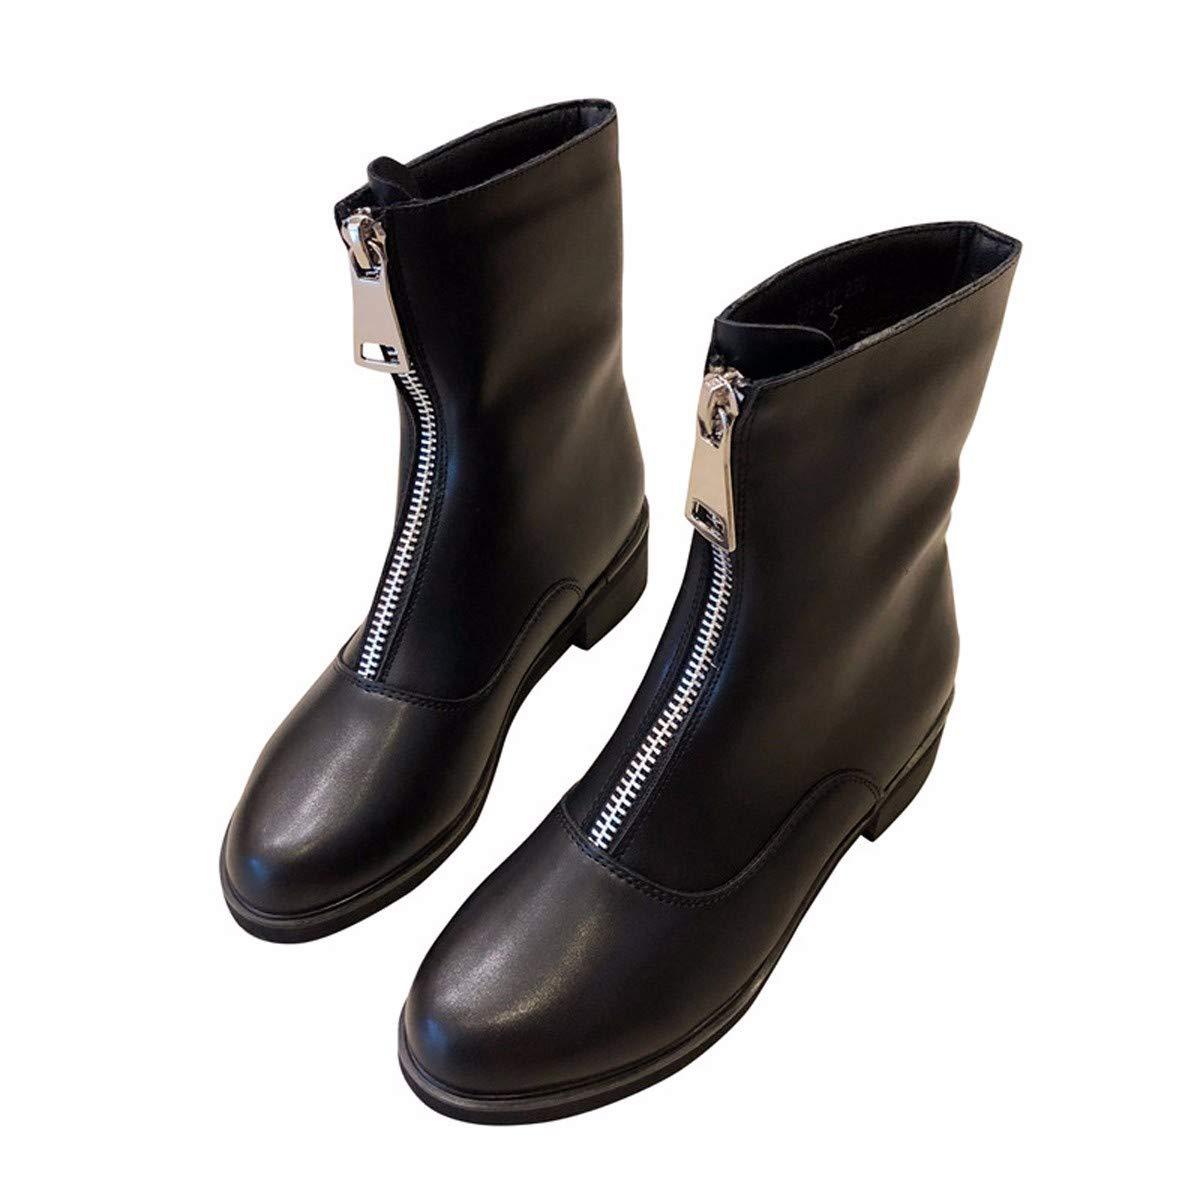 LBTSQ Fashion Damenschuhe - Reißverschluss Lok - Stiefel Heel Ferse 4Cm Runden Kopf Nahen Ferse Heel Stiefel Samt Schwarze Stiefel Ritter 231fe2